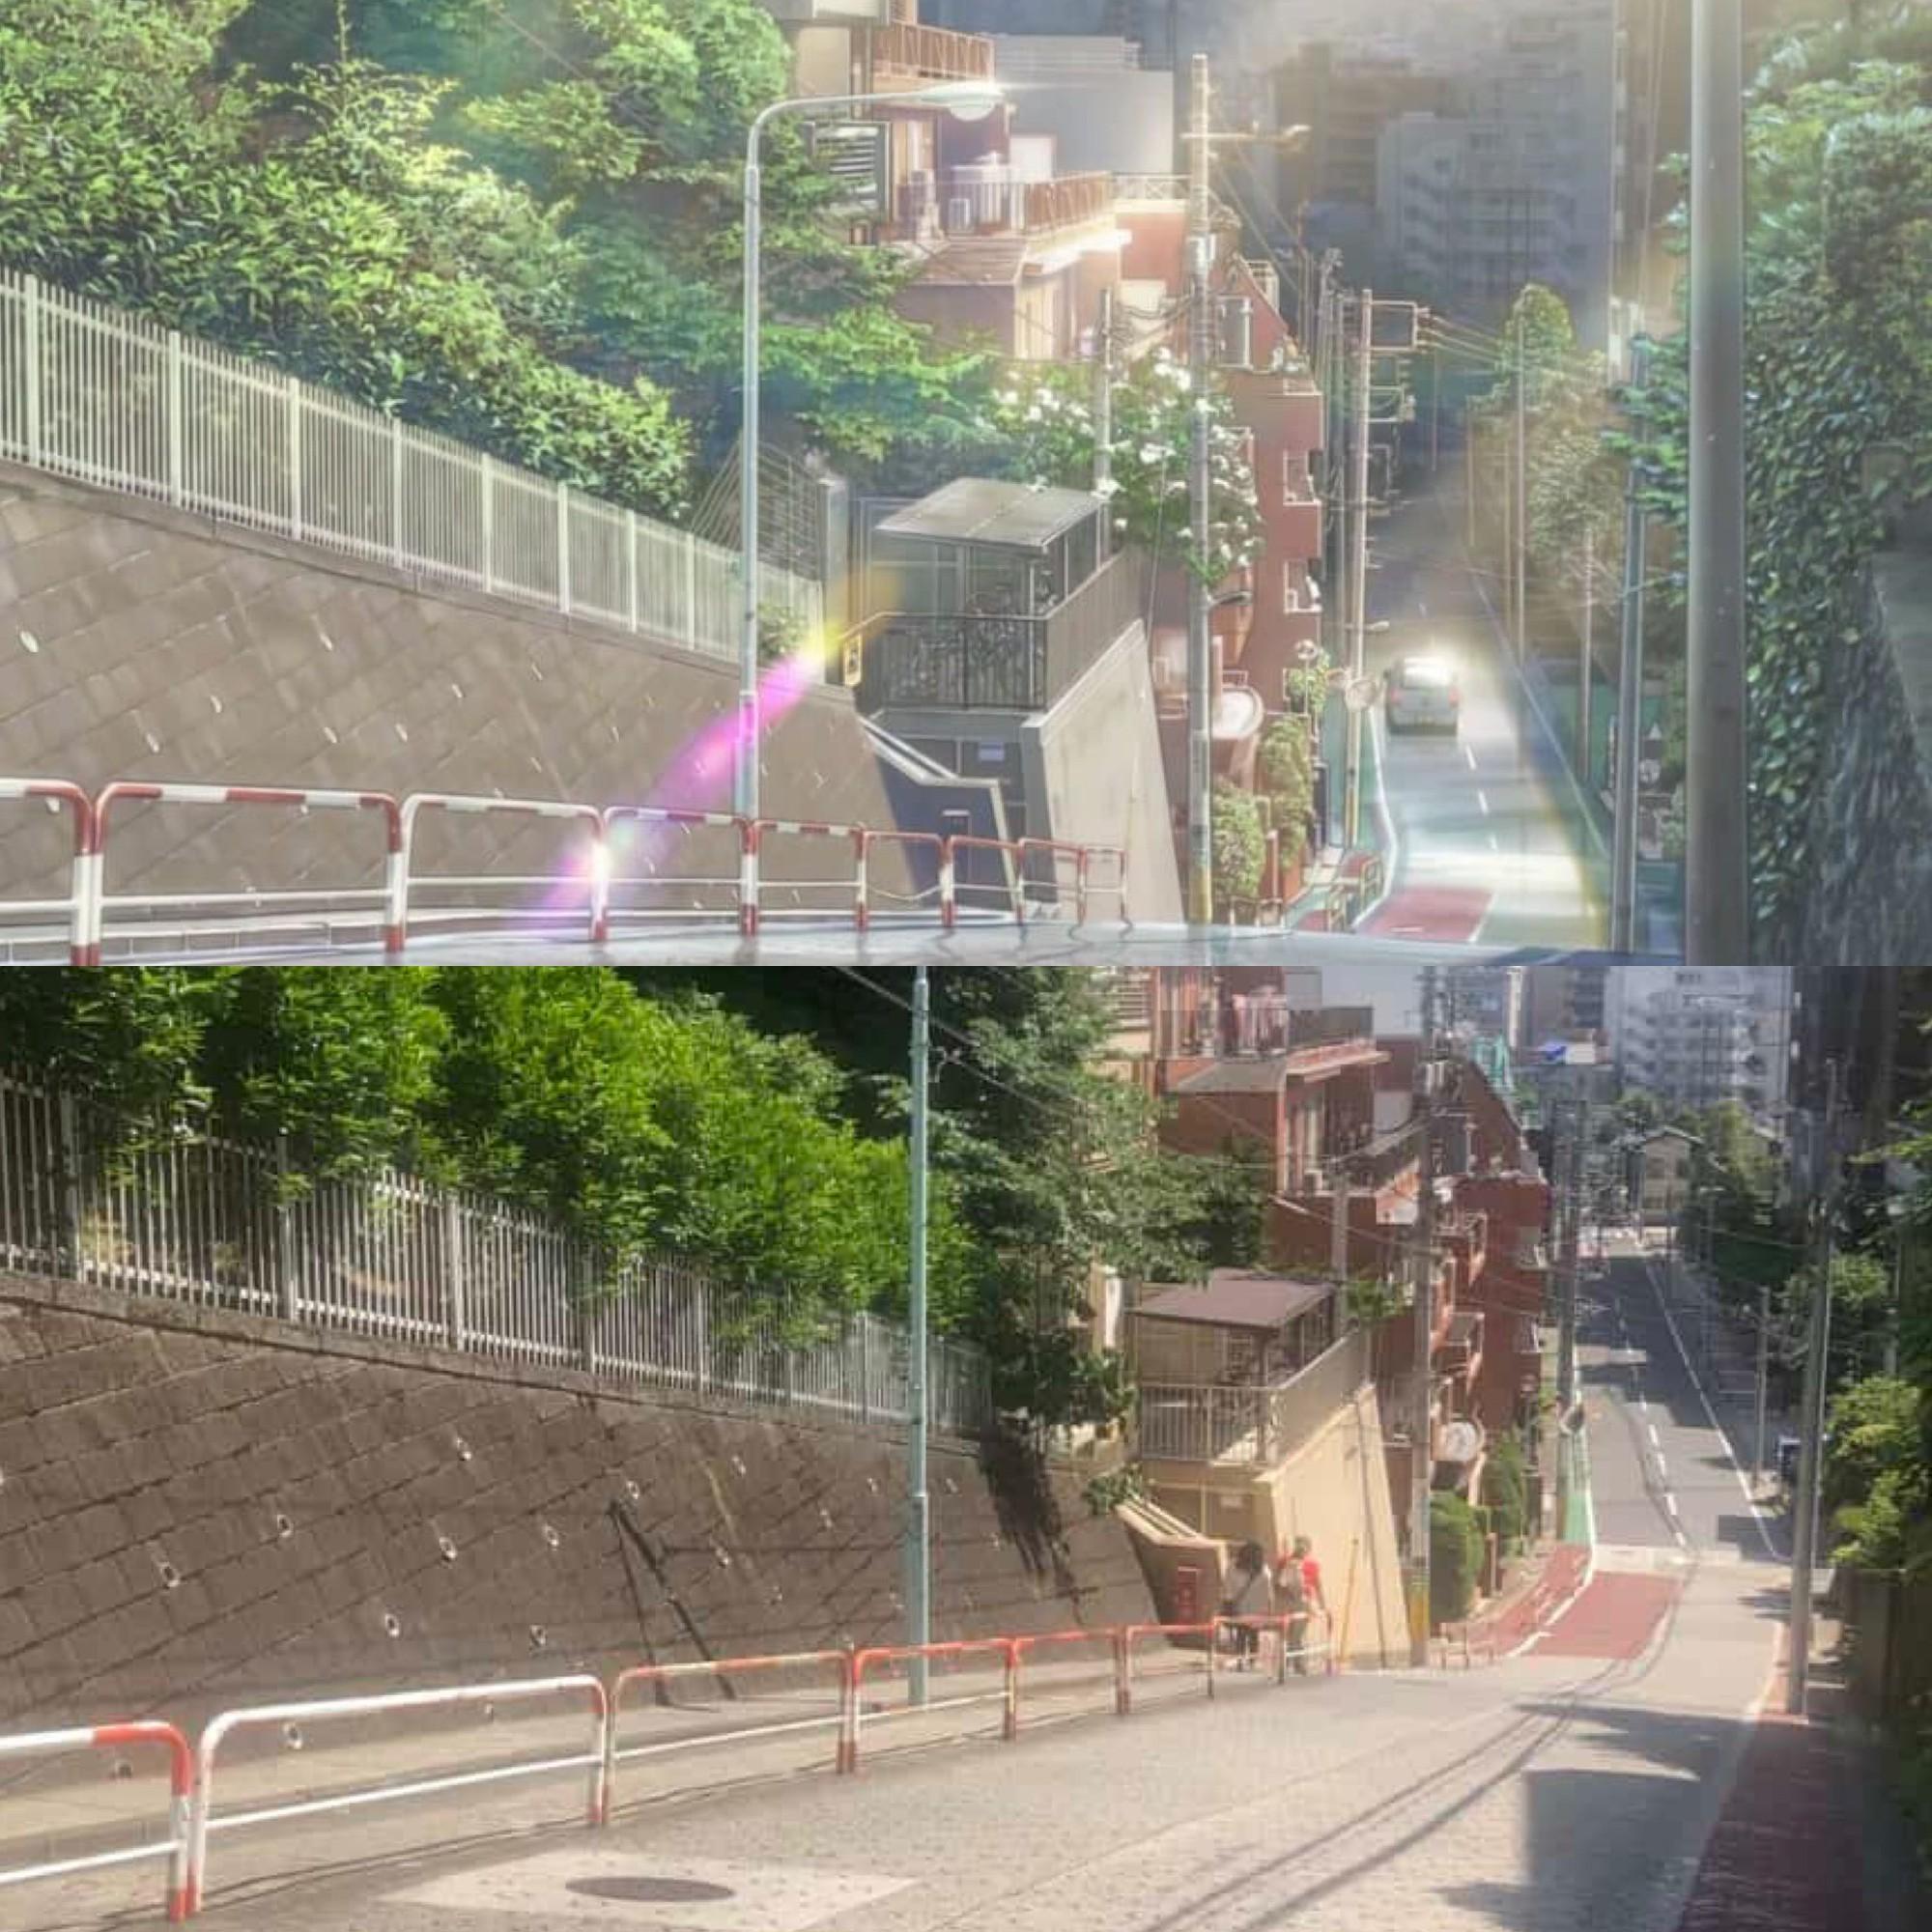 Review Weathering With You: Hấp dẫn không thua bom tấn Your Name, hé lộ một vũ trụ điện ảnh mới của anime Nhật? - Ảnh 14.